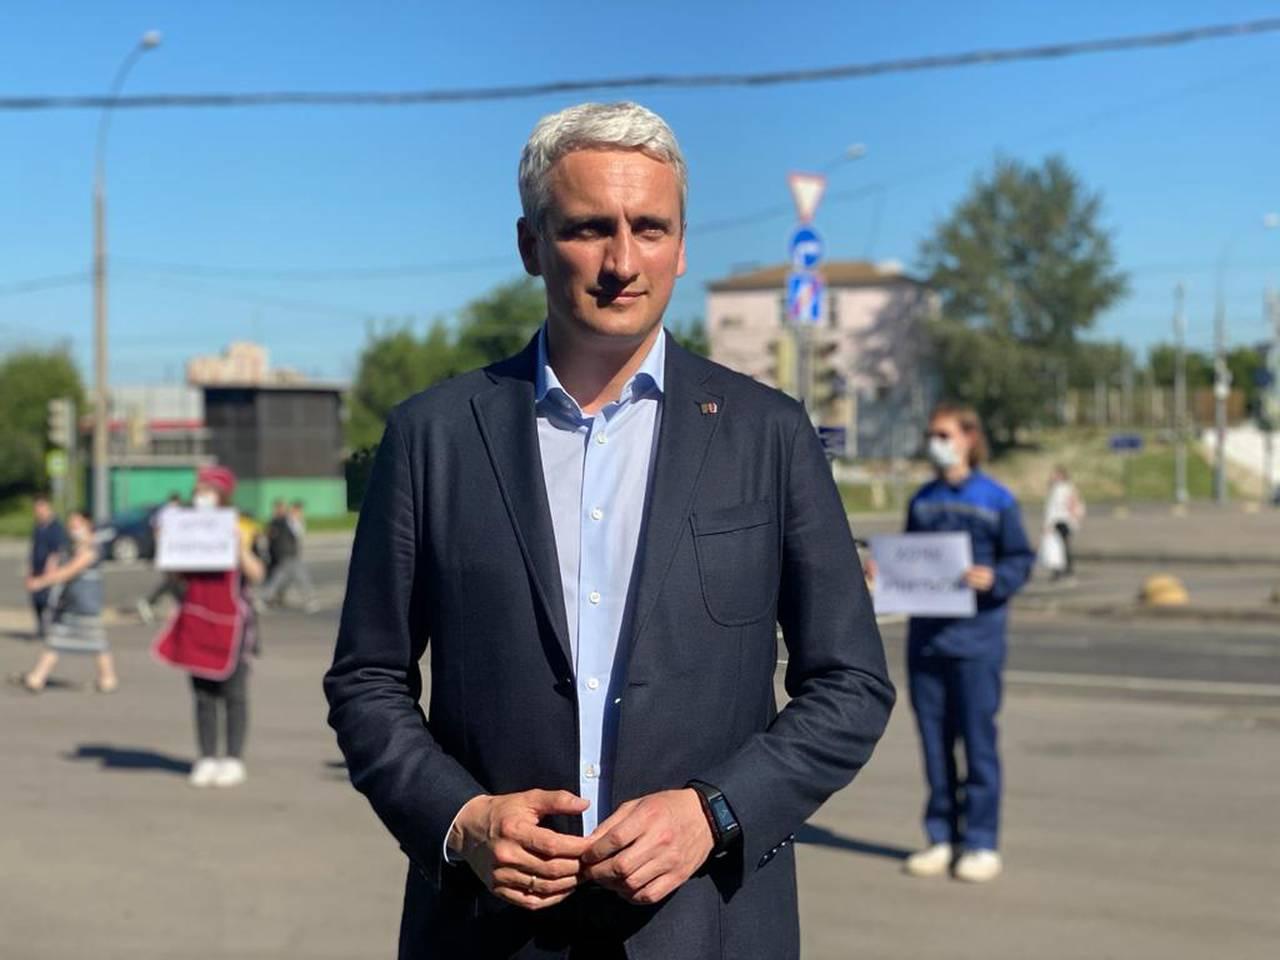 На фото член Общественной палаты Российской Федерации Евгений Нифантьев